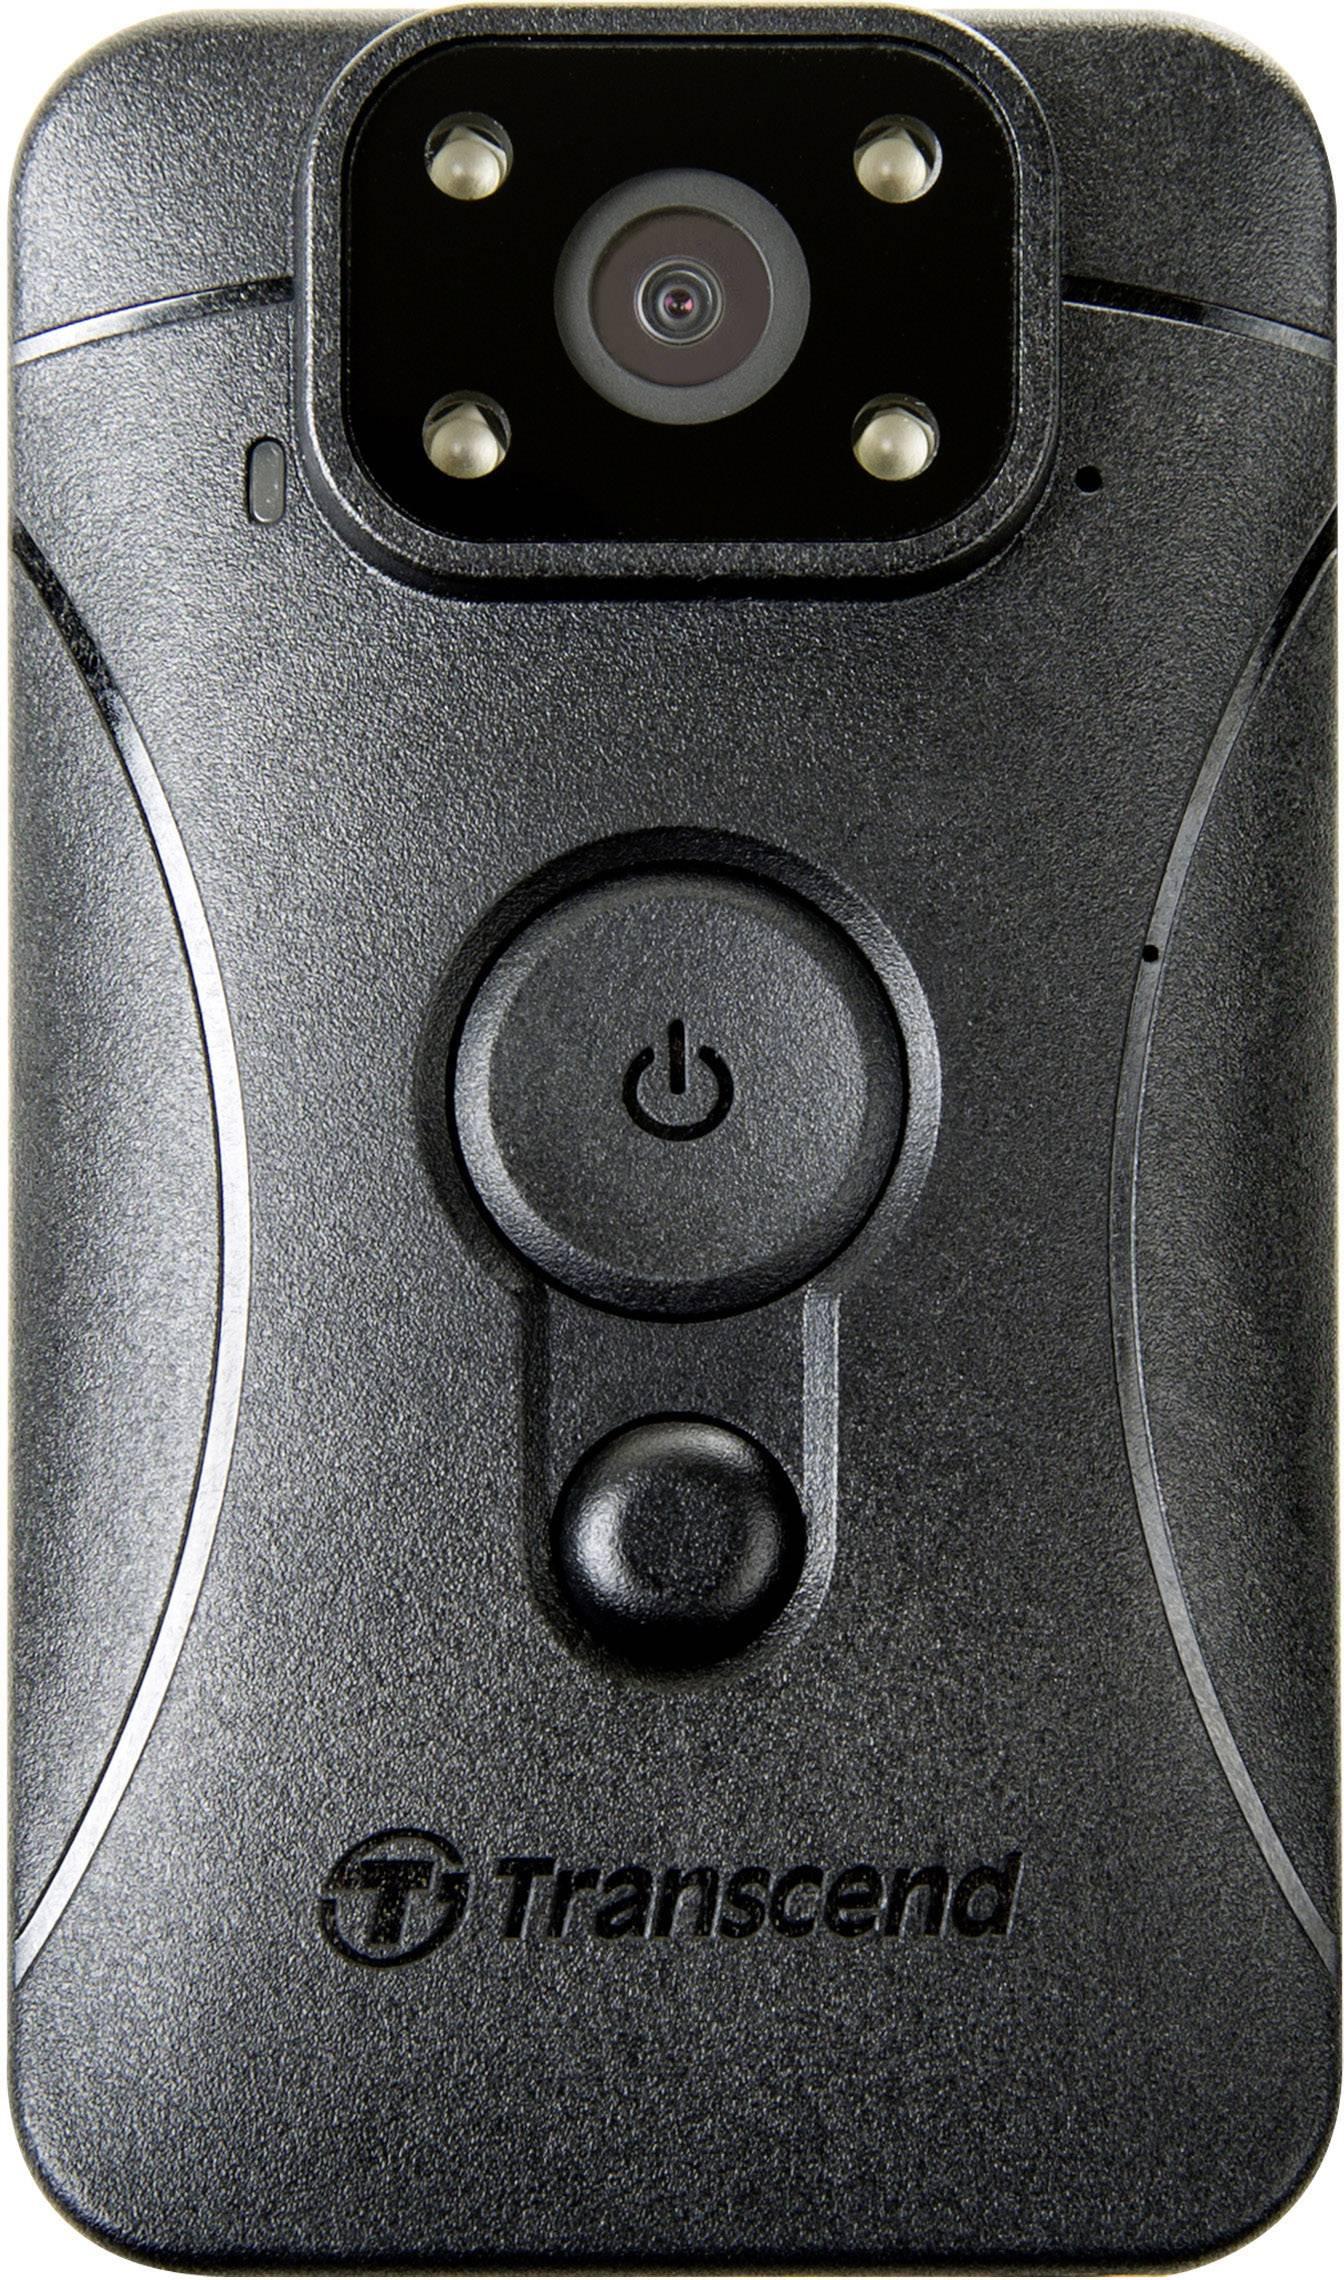 Osobní kamera Transcend DrivePro Body 10